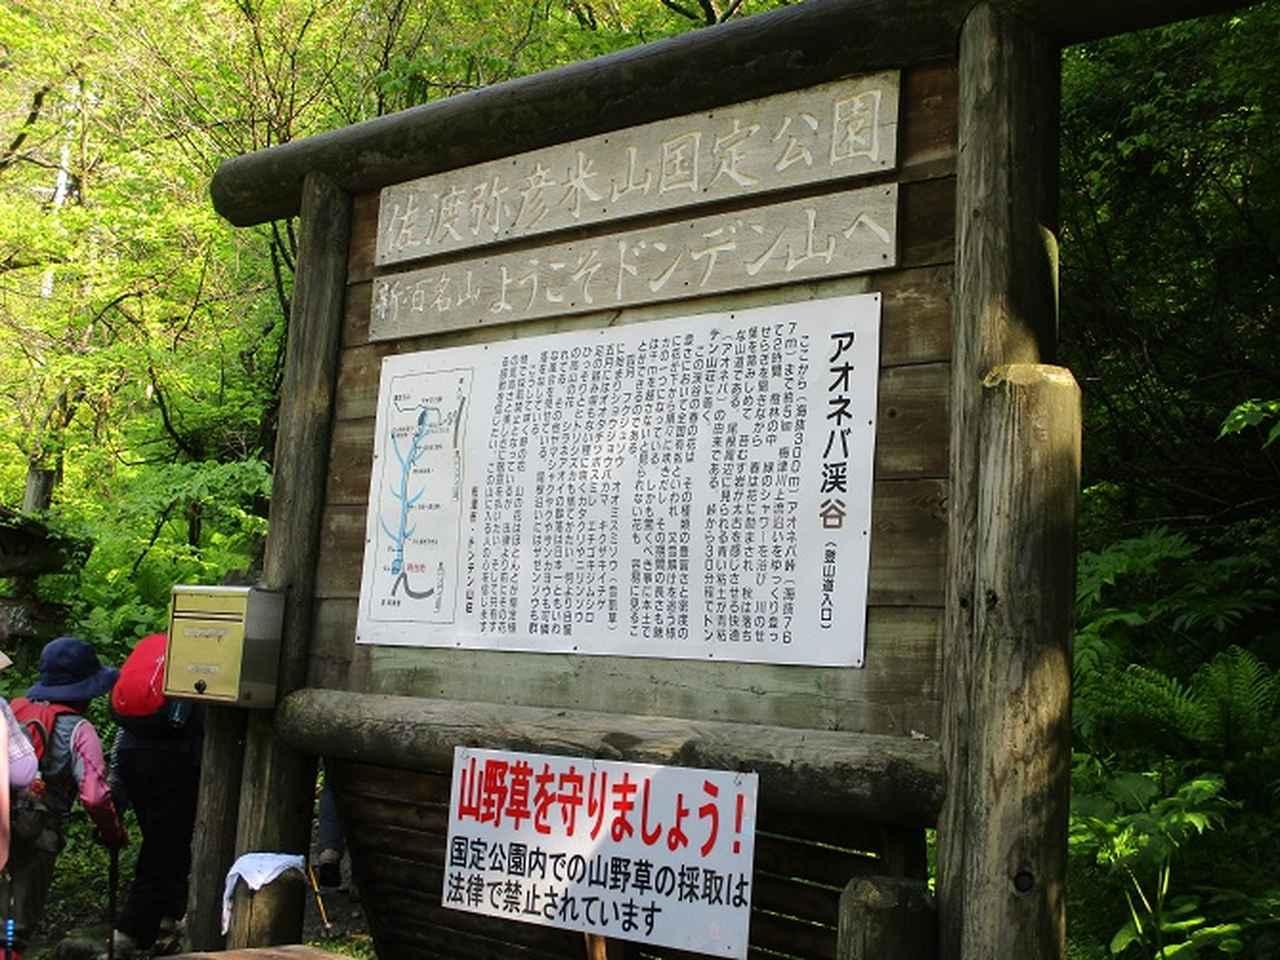 画像1: 5月14日~15日で山旅会 「佐渡」 ツアーに行ってきました!